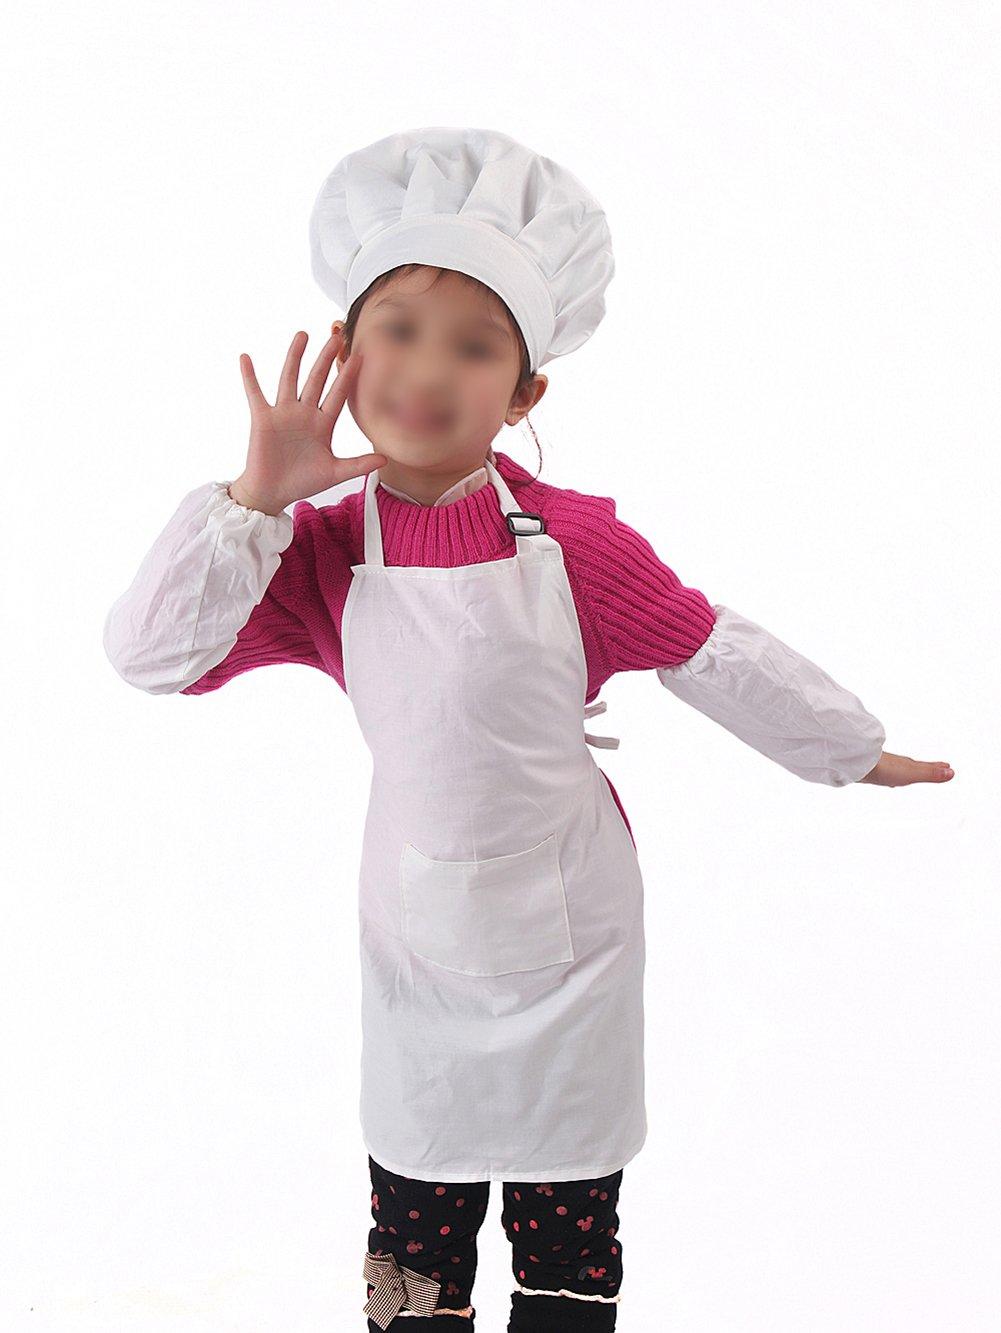 Scrox Ensemble Tablier pour Enfants Enfants/Produits de Mode de Vie pour bébé Outils créatifs Pratique pour Votre Enfant Jouets dans Les Petits garçons et Les Filles Size Tabliers Une Seule